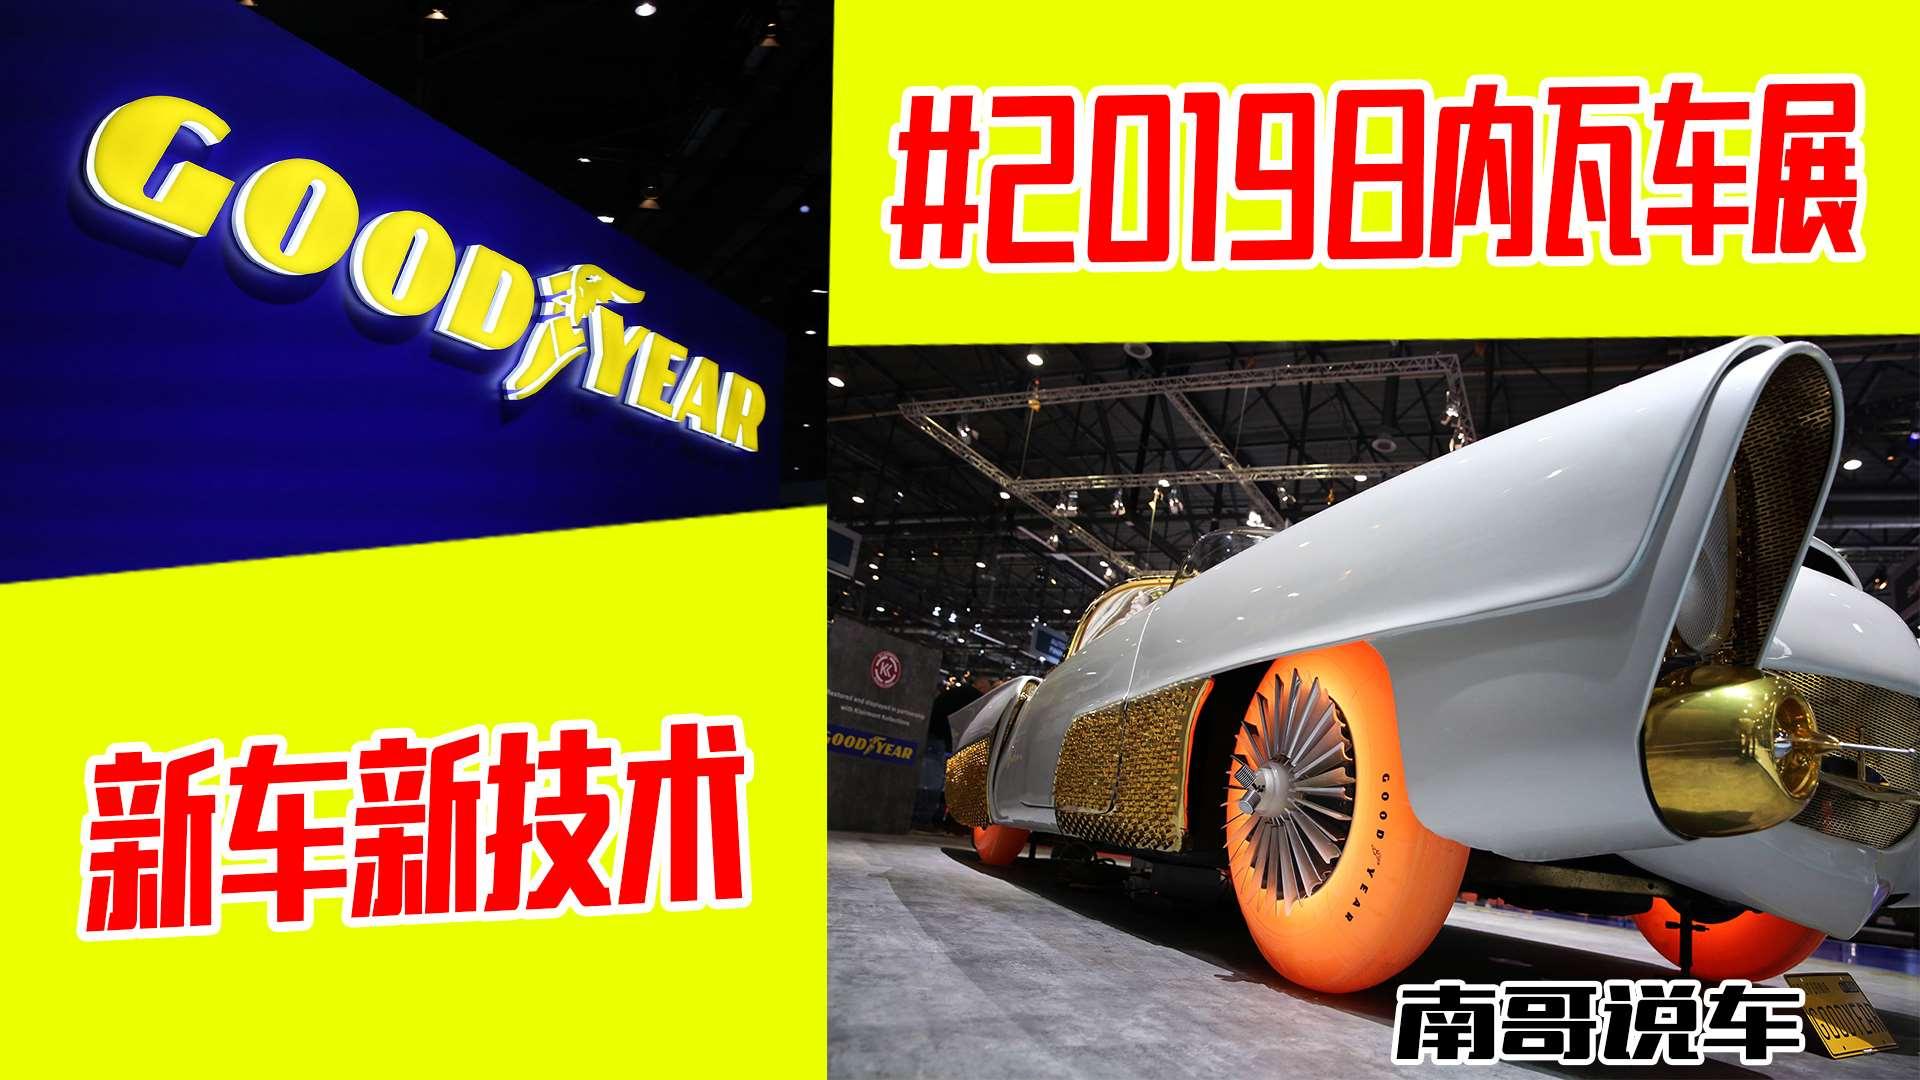 """直击2019年日内瓦车展现场,会飞的轮胎和大众""""黑"""""""